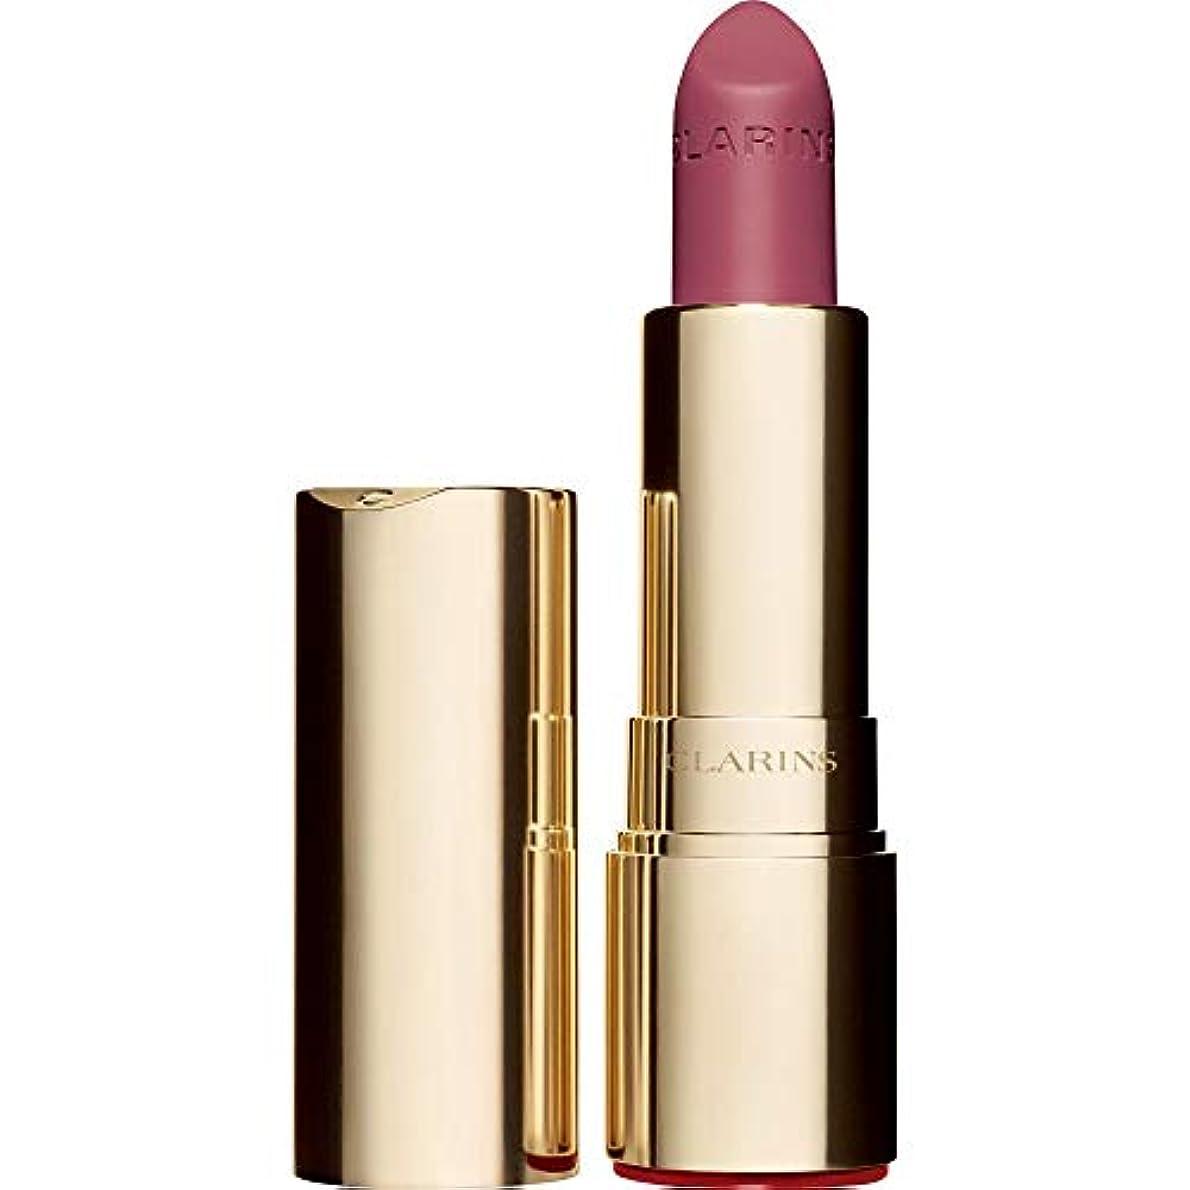 滴下触手初心者[Clarins ] クラランスジョリルージュのベルベットの口紅3.5グラムの755V - レイシ - Clarins Joli Rouge Velvet Lipstick 3.5g 755V - Litchi [並行輸入品]